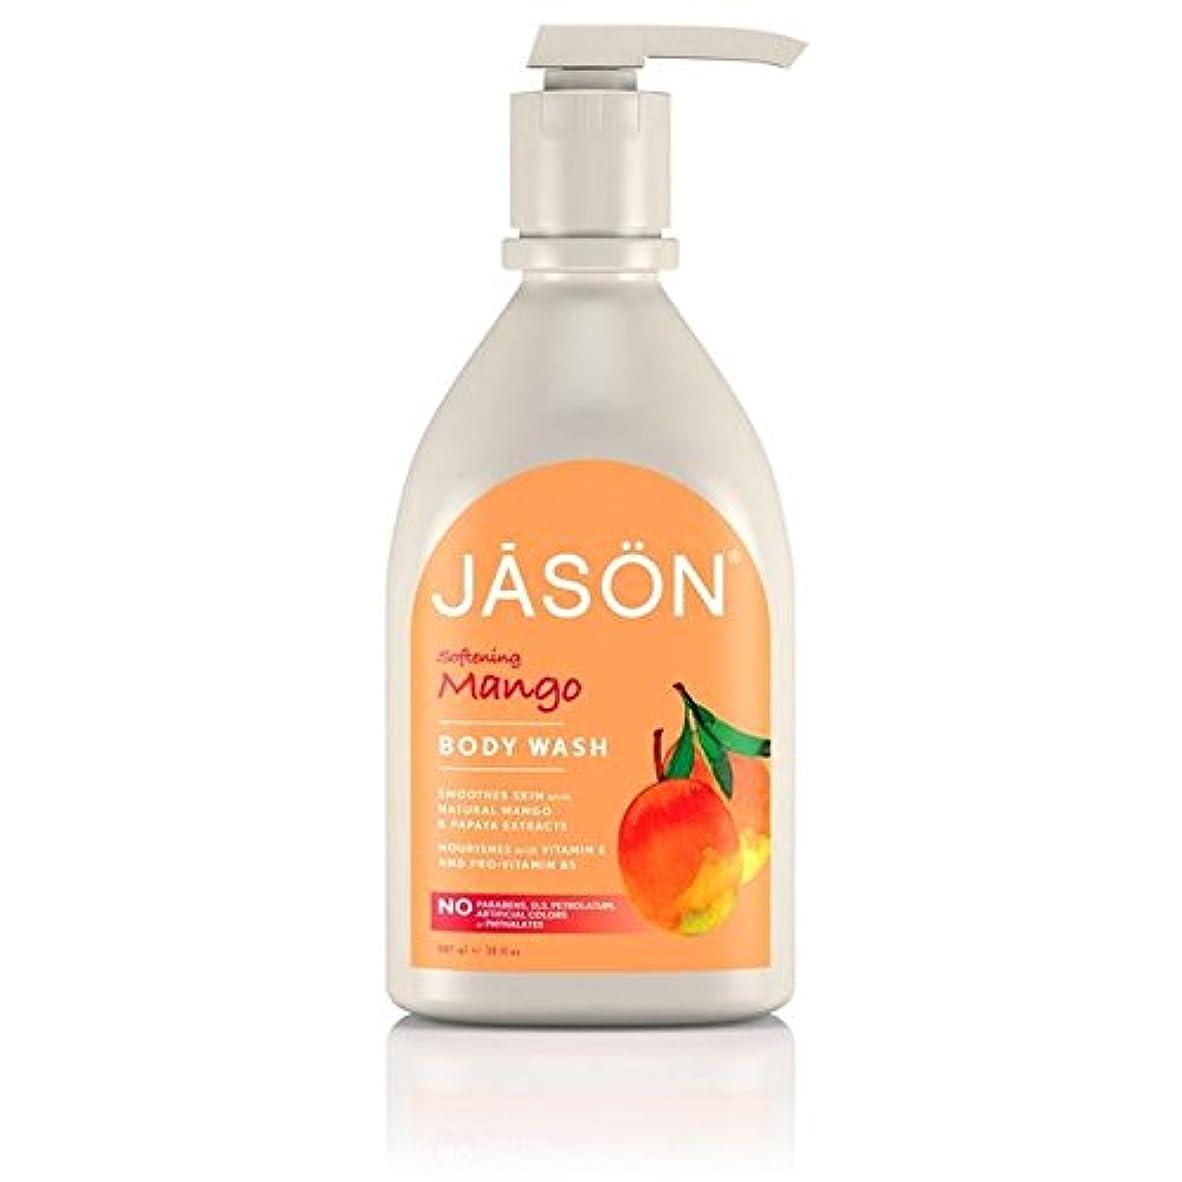 ランダムカーフお茶ジェイソン?マンゴーサテンボディウォッシュポンプ900ミリリットル x2 - Jason Mango Satin Body Wash Pump 900ml (Pack of 2) [並行輸入品]